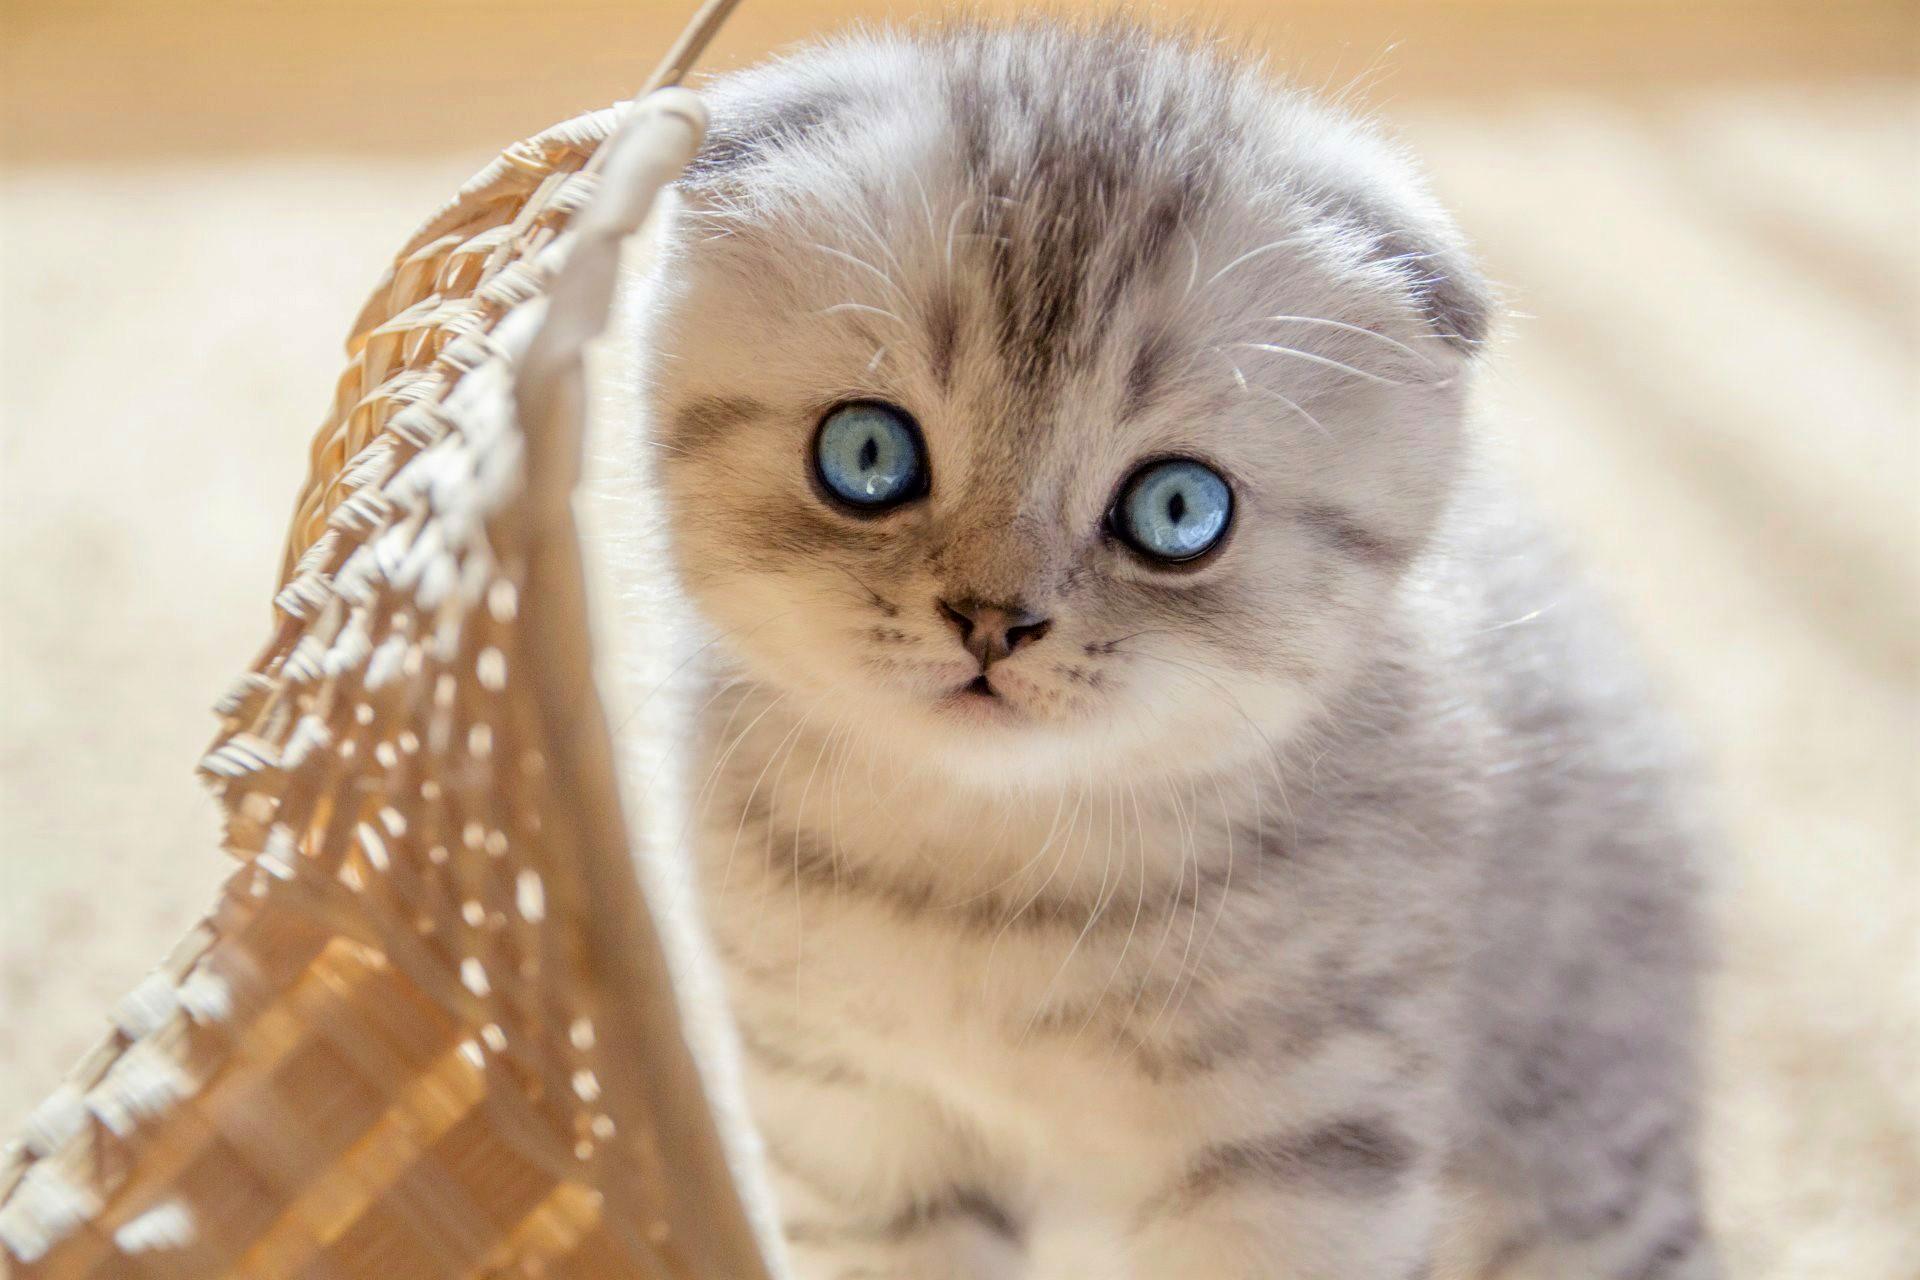 картинка самого милого котика формы